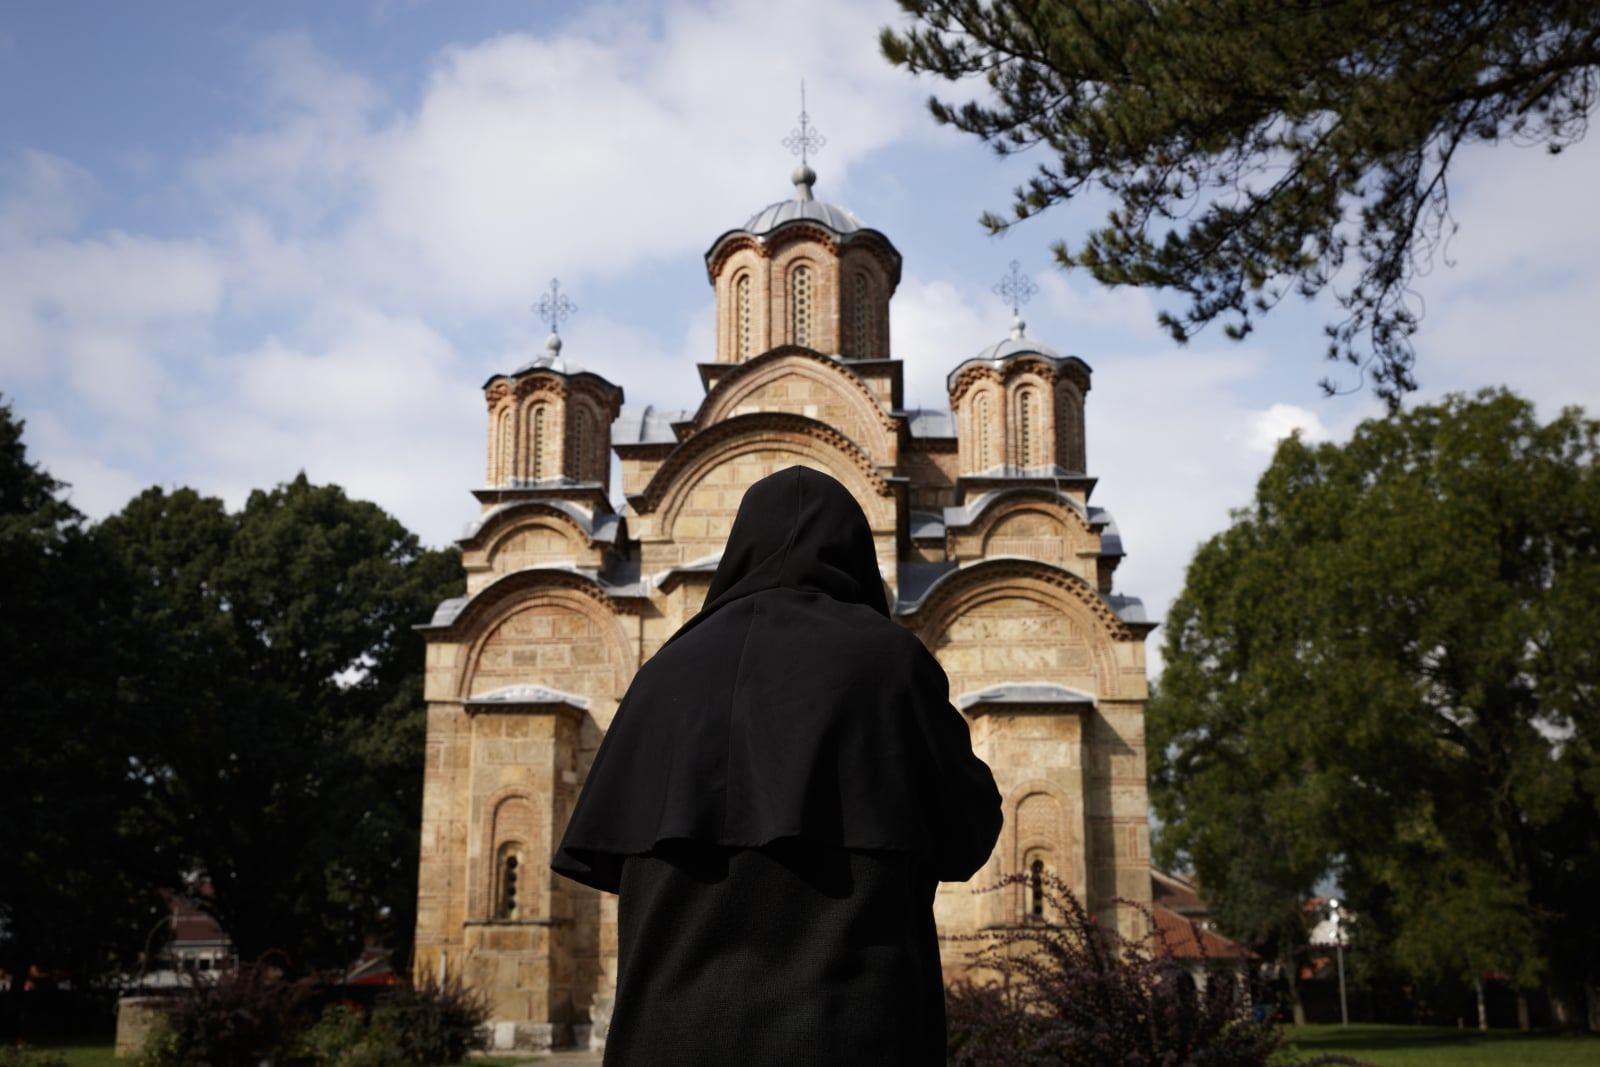 Prawosławna cerkiew w miejscowości Gracanica, Kosowo. Fot. PAP/EPA/VALDRIN XHEMAJ